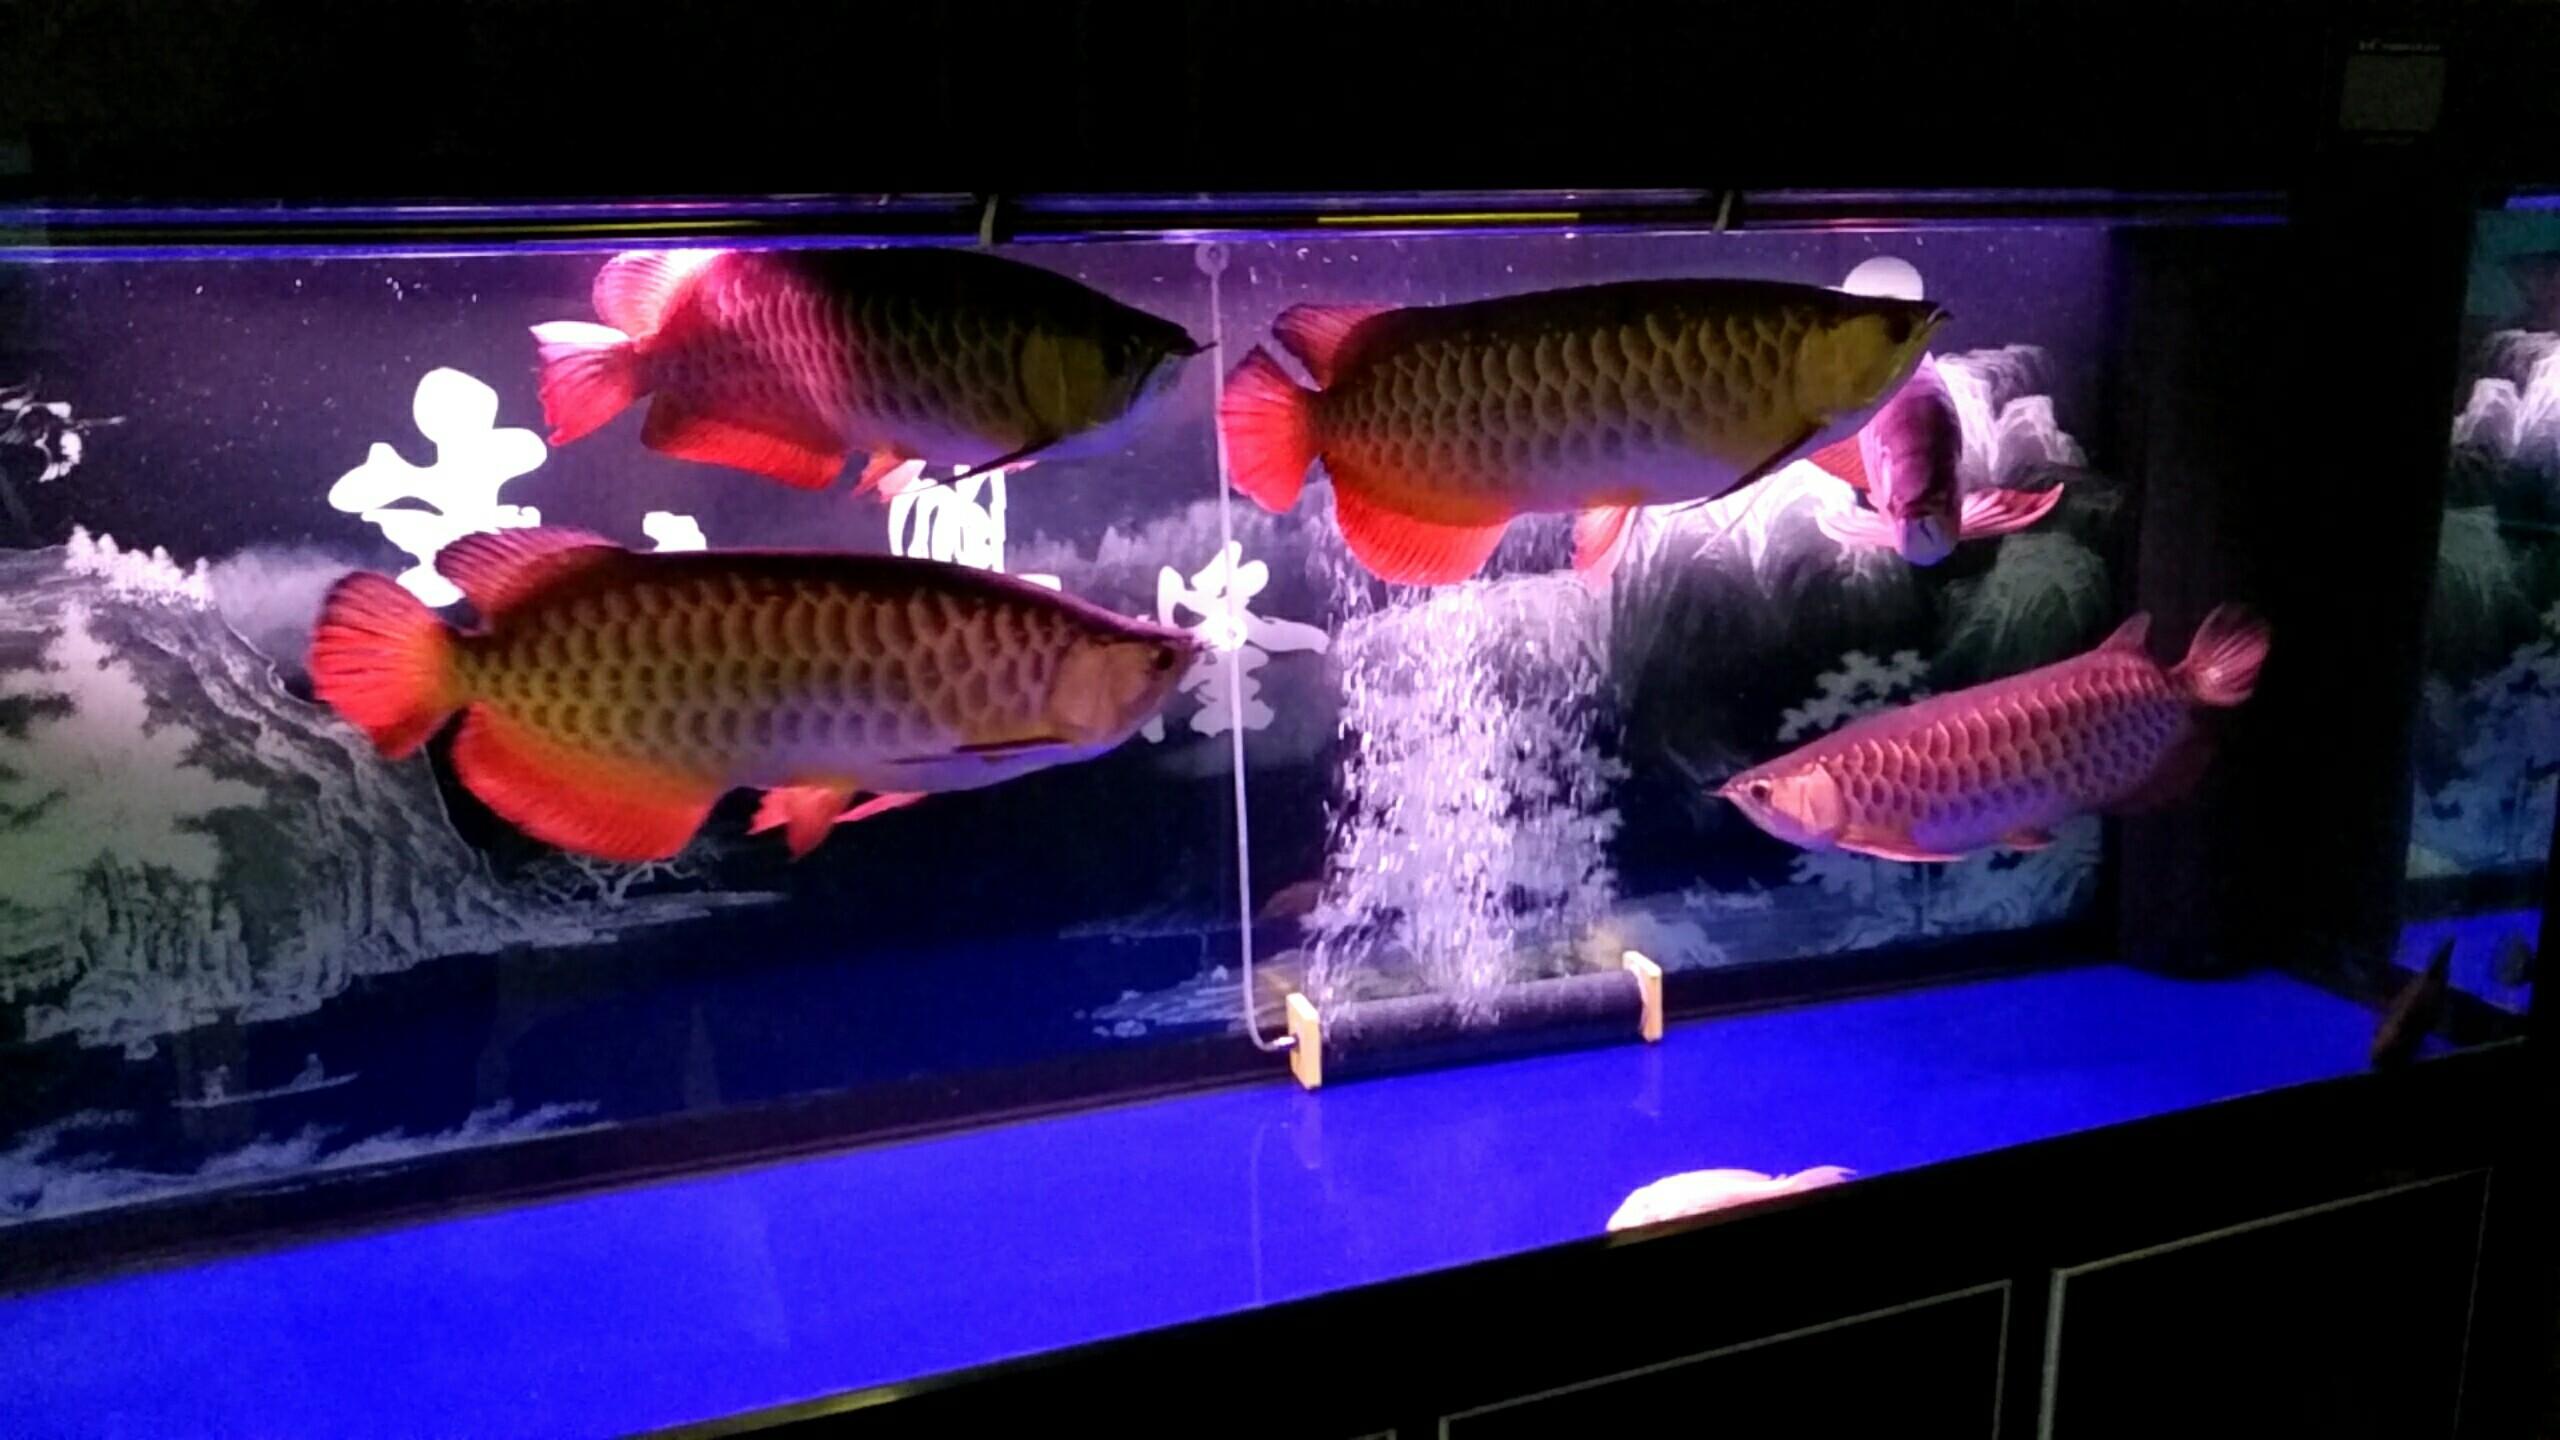 北京观赏水族箱大伙给看看 北京观赏鱼 北京龙鱼第6张